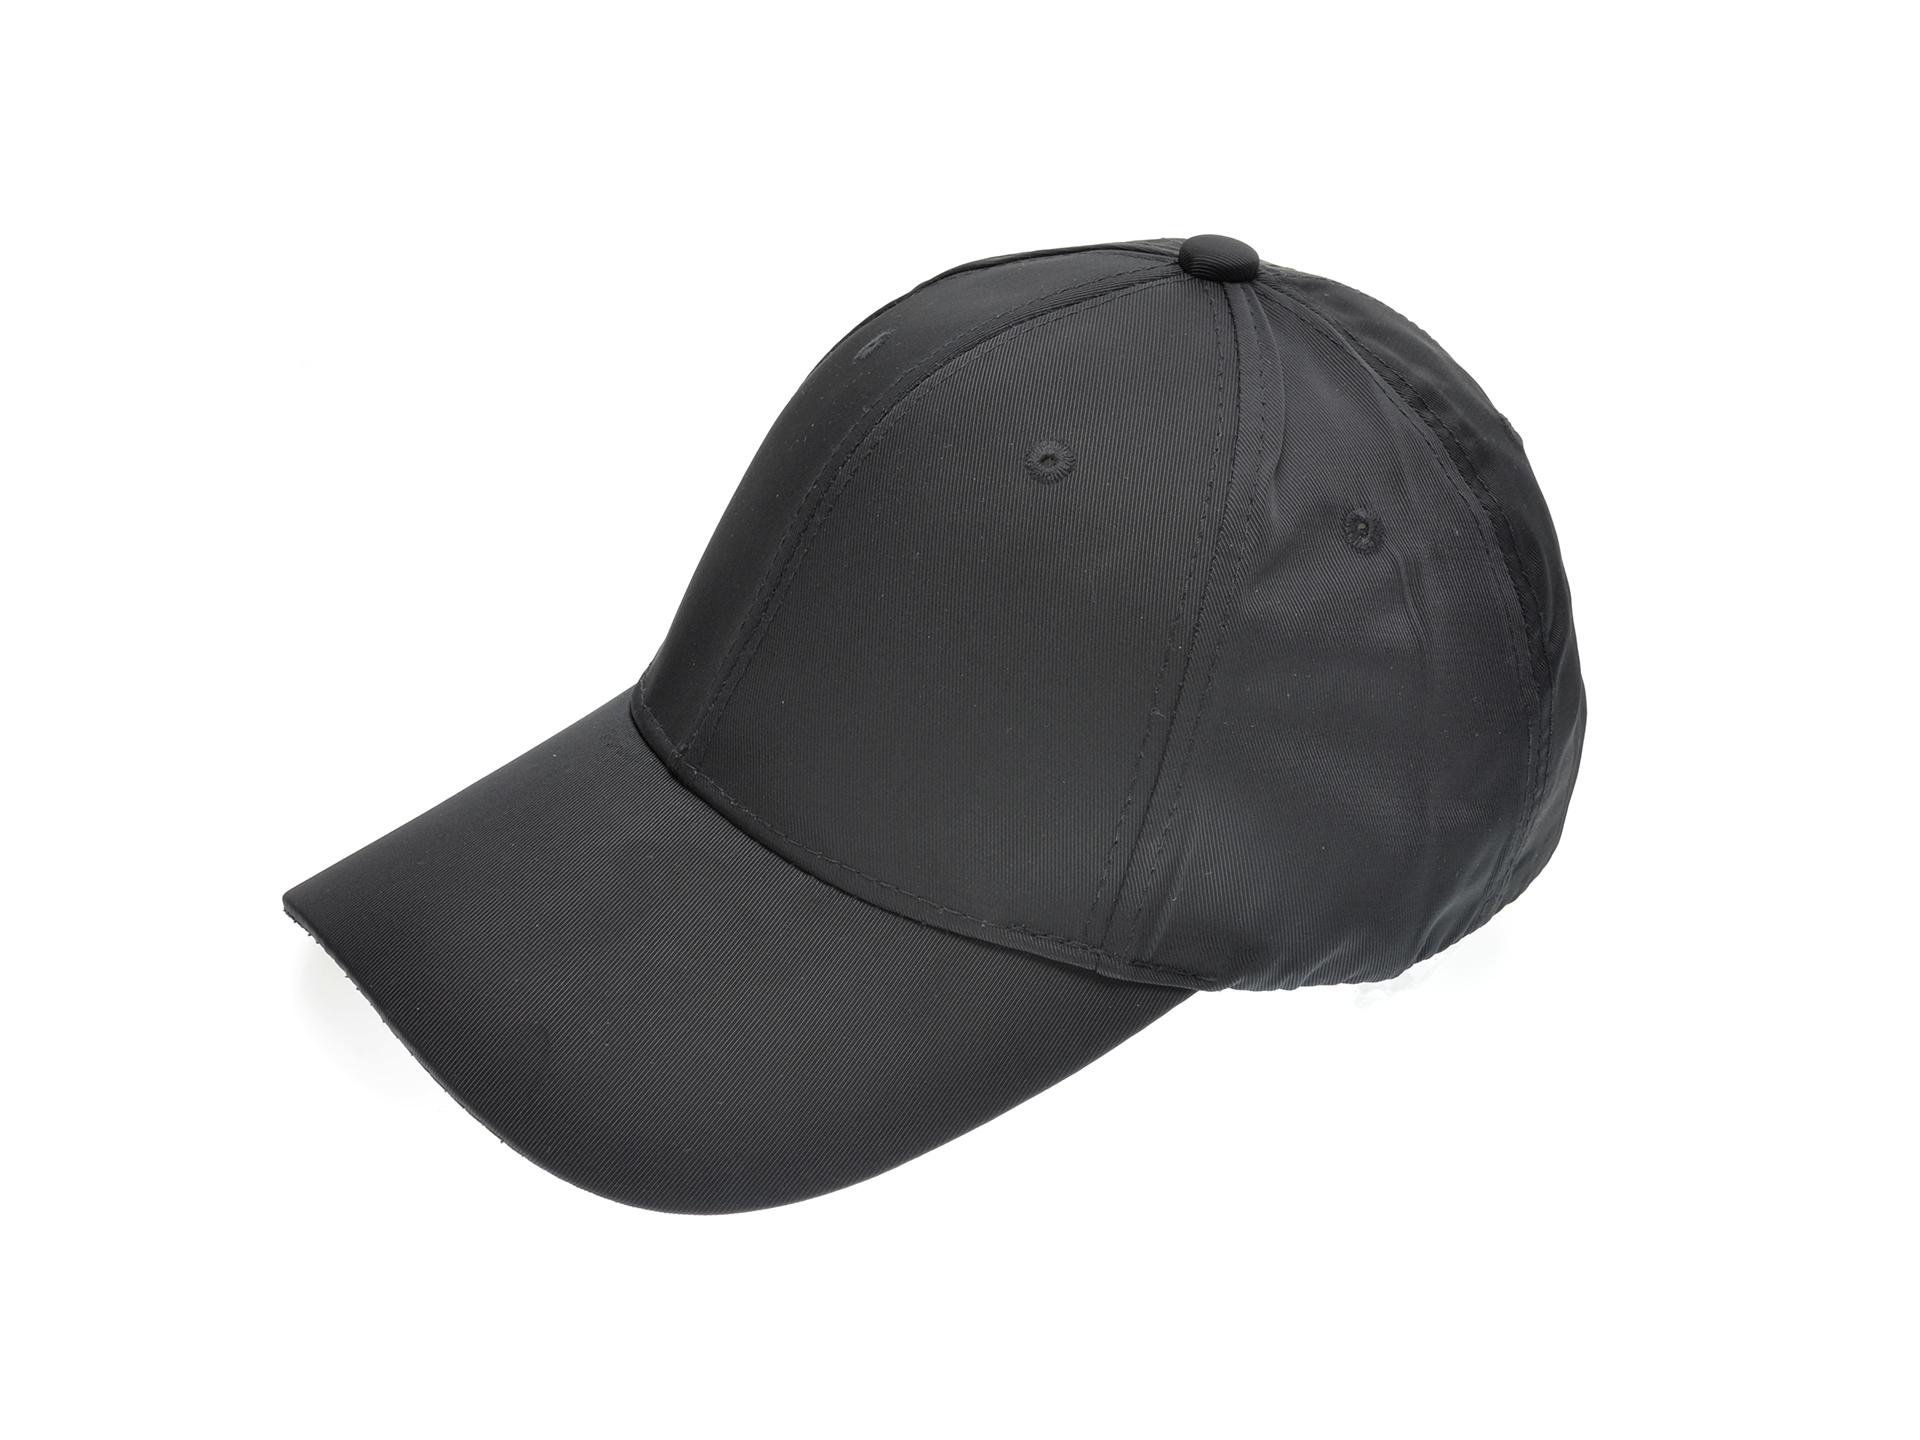 Sapca ALDO neagra, Sericien001, din material textil imagine